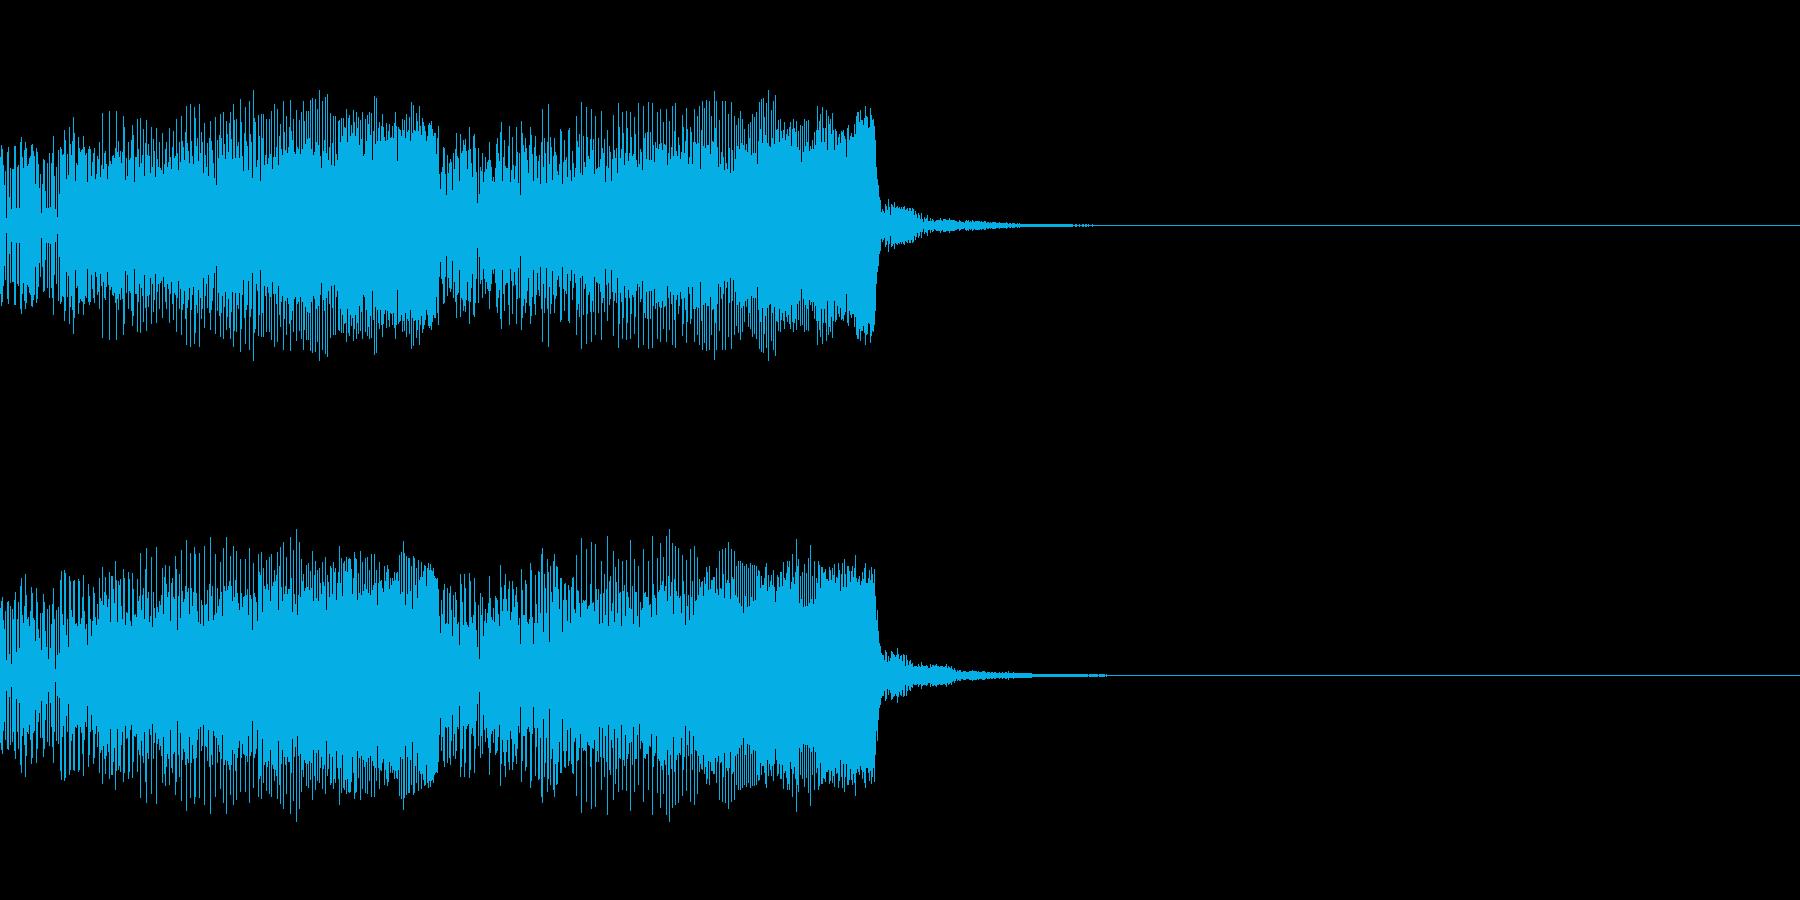 パチンコ的アイテム獲得音01B(電子音)の再生済みの波形